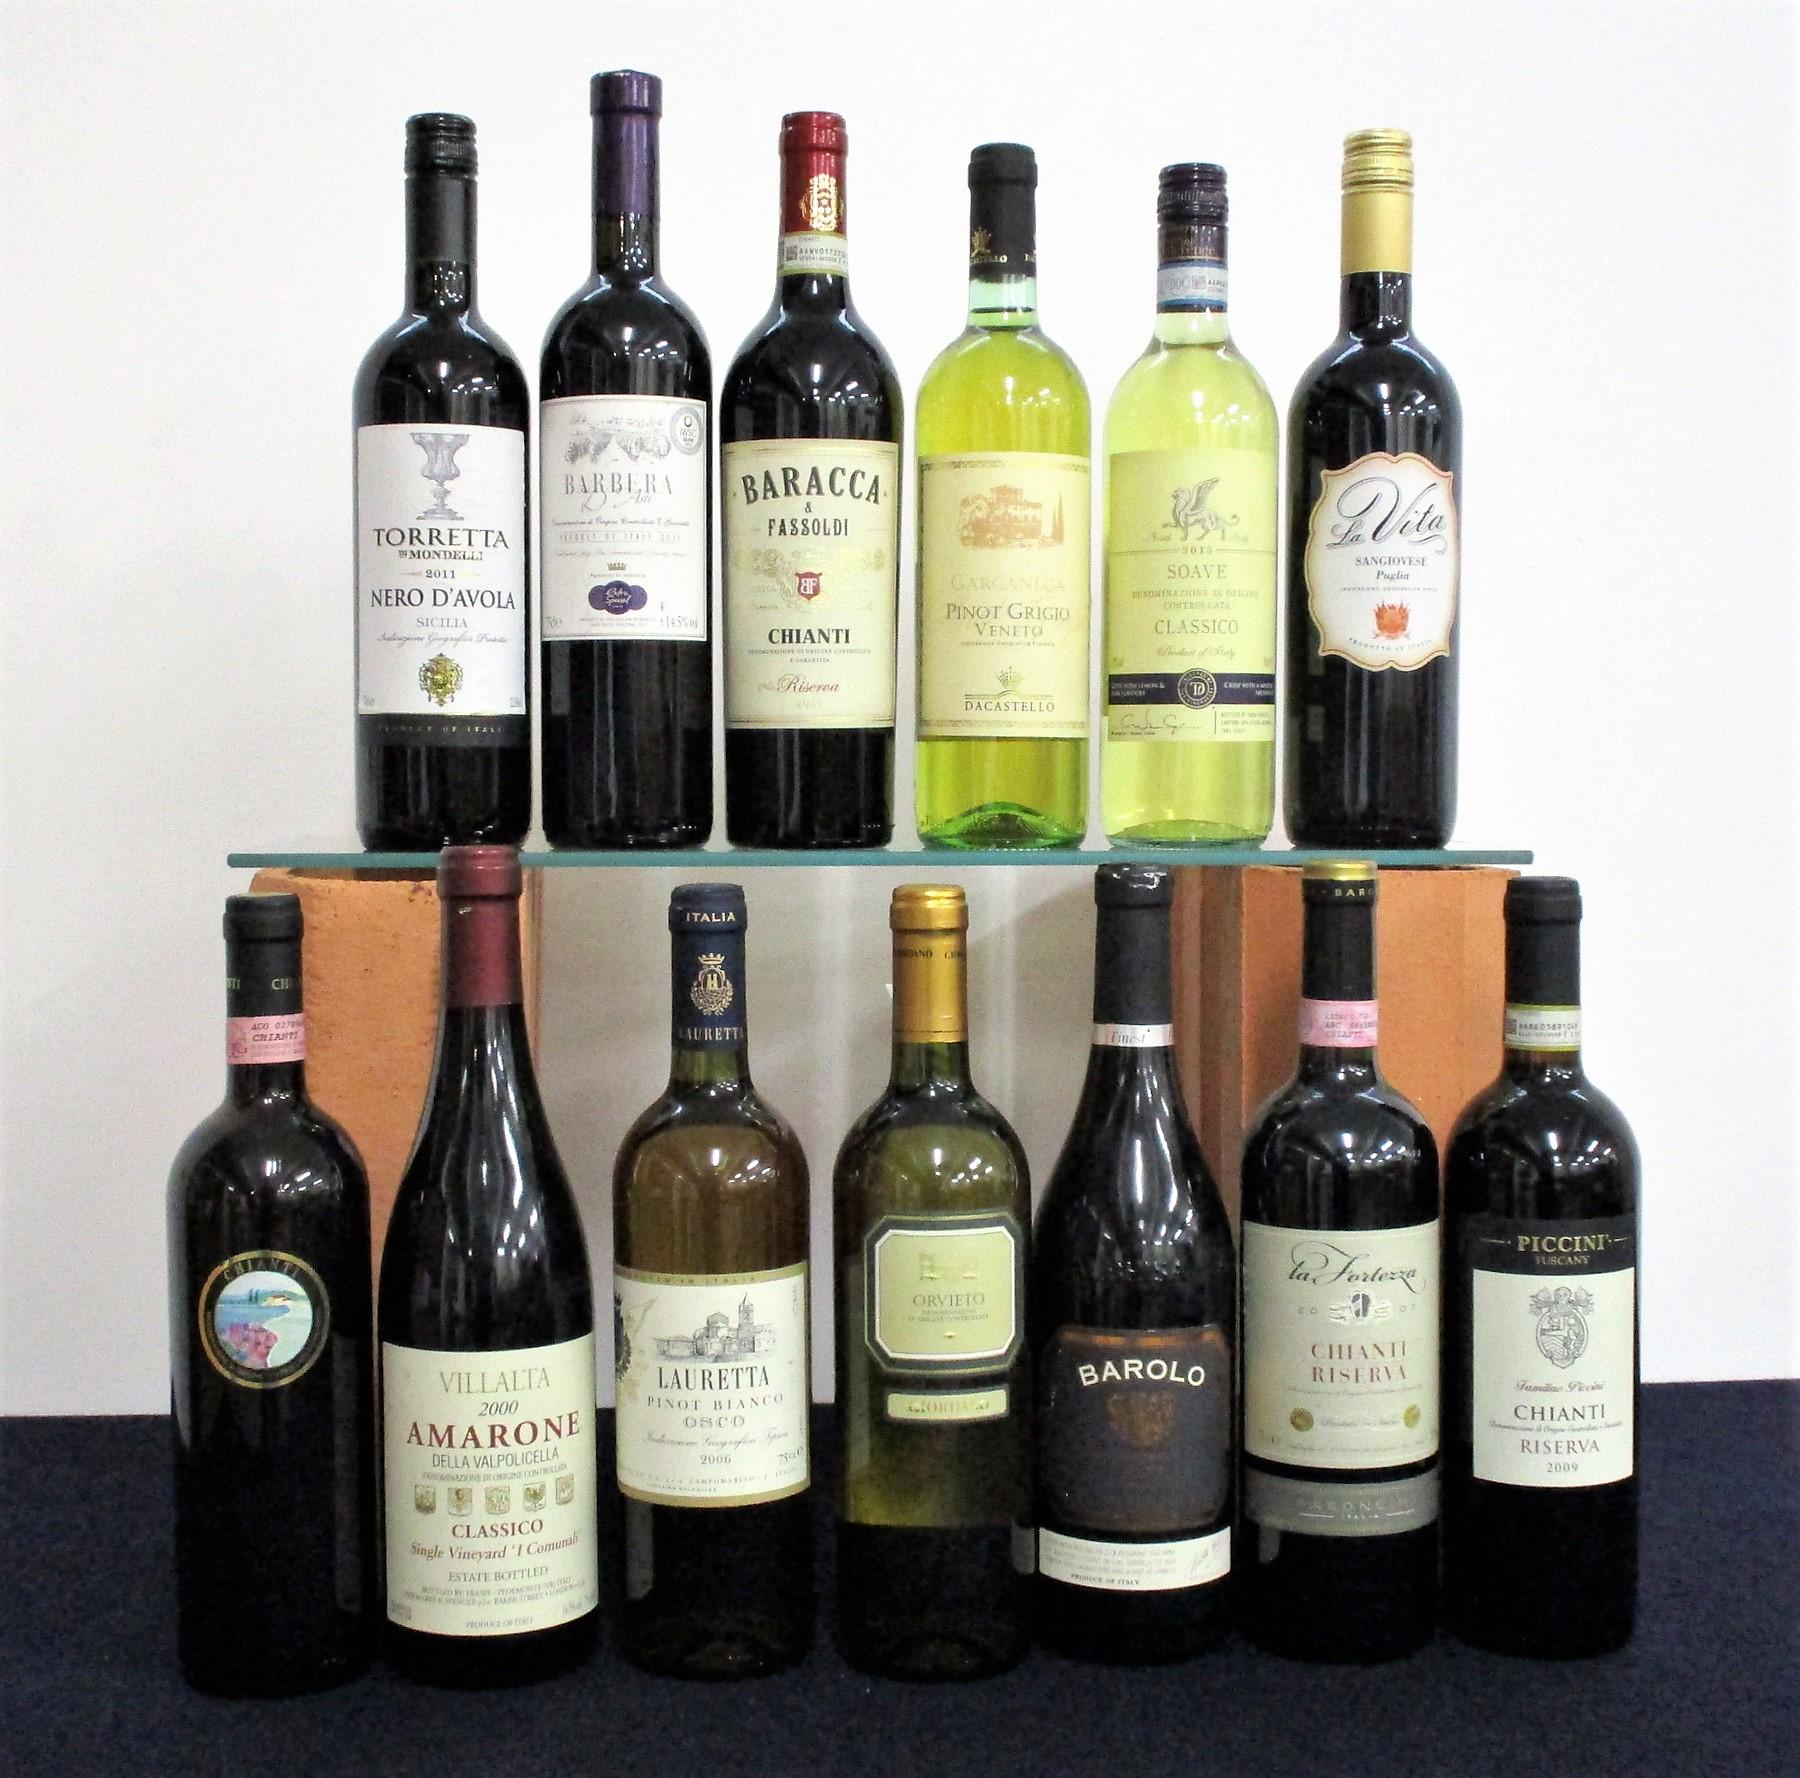 1 bt Chianti 2000 PI. GI. VI 1 bt Villalta Amarone Della Valpolicella Classico Single Vineyard